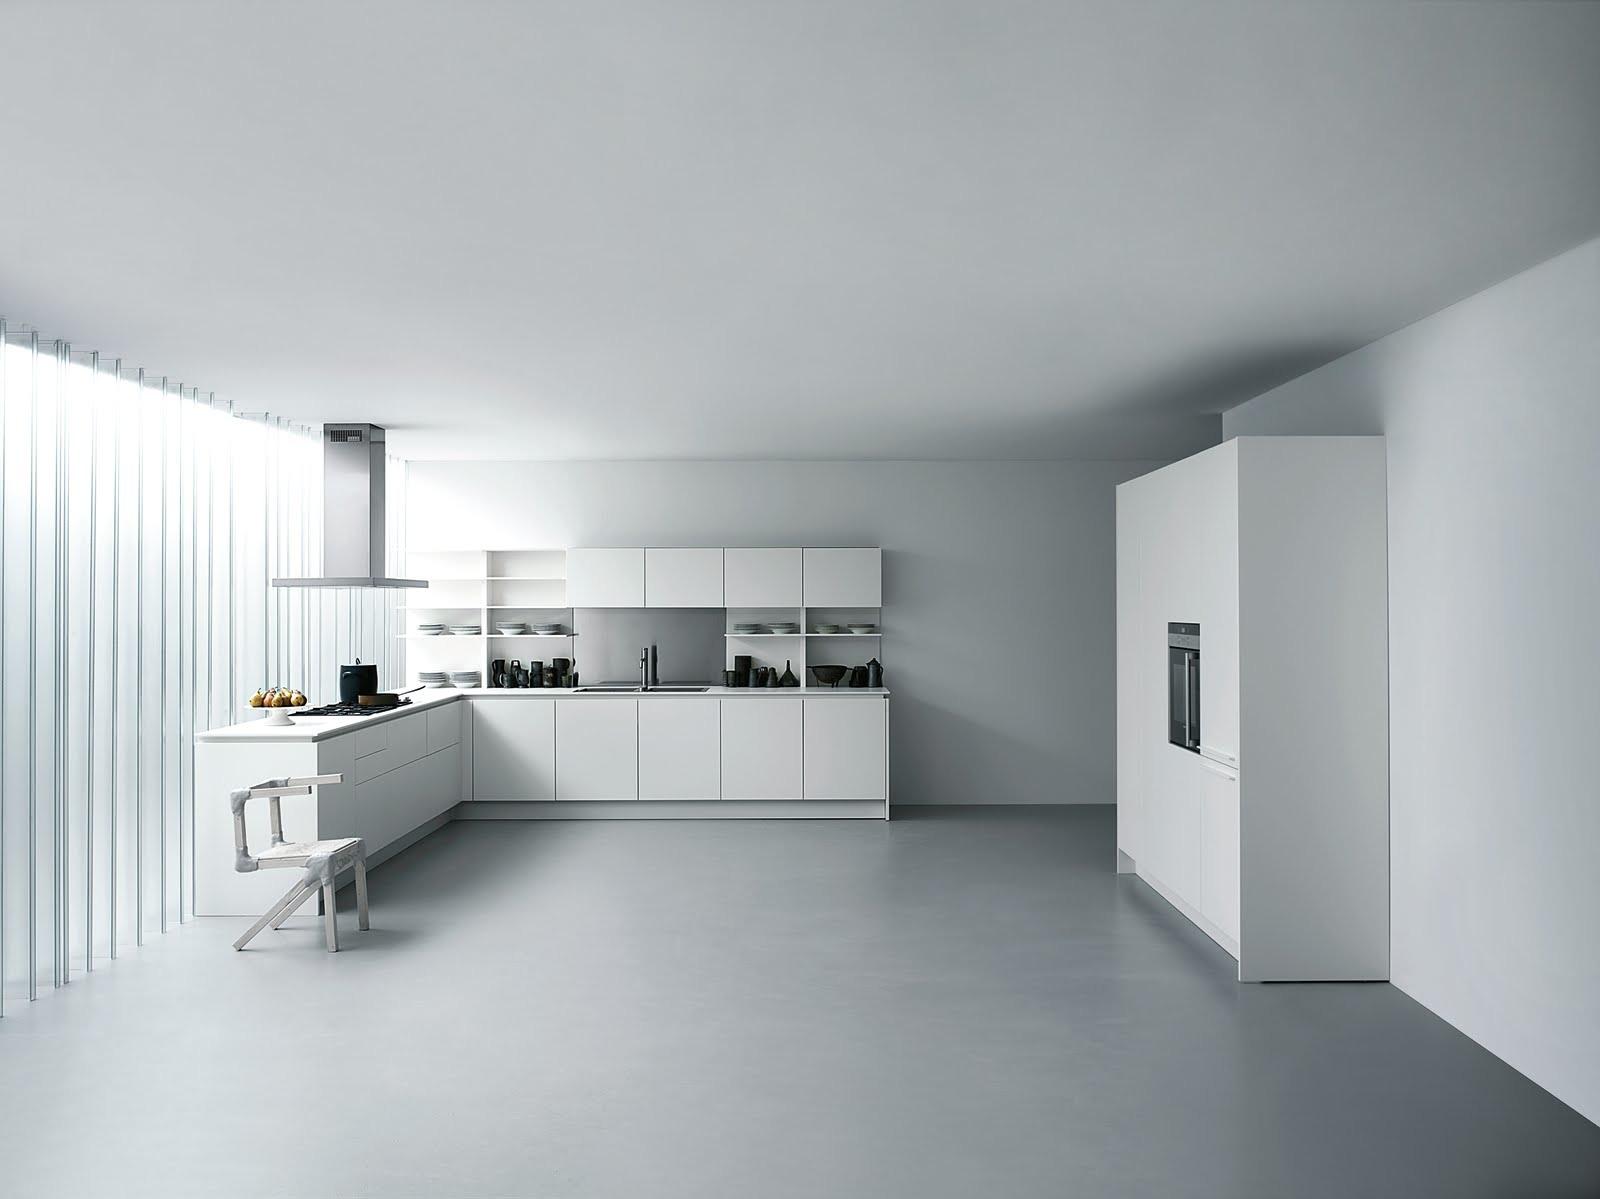 Juluis-cocina-13